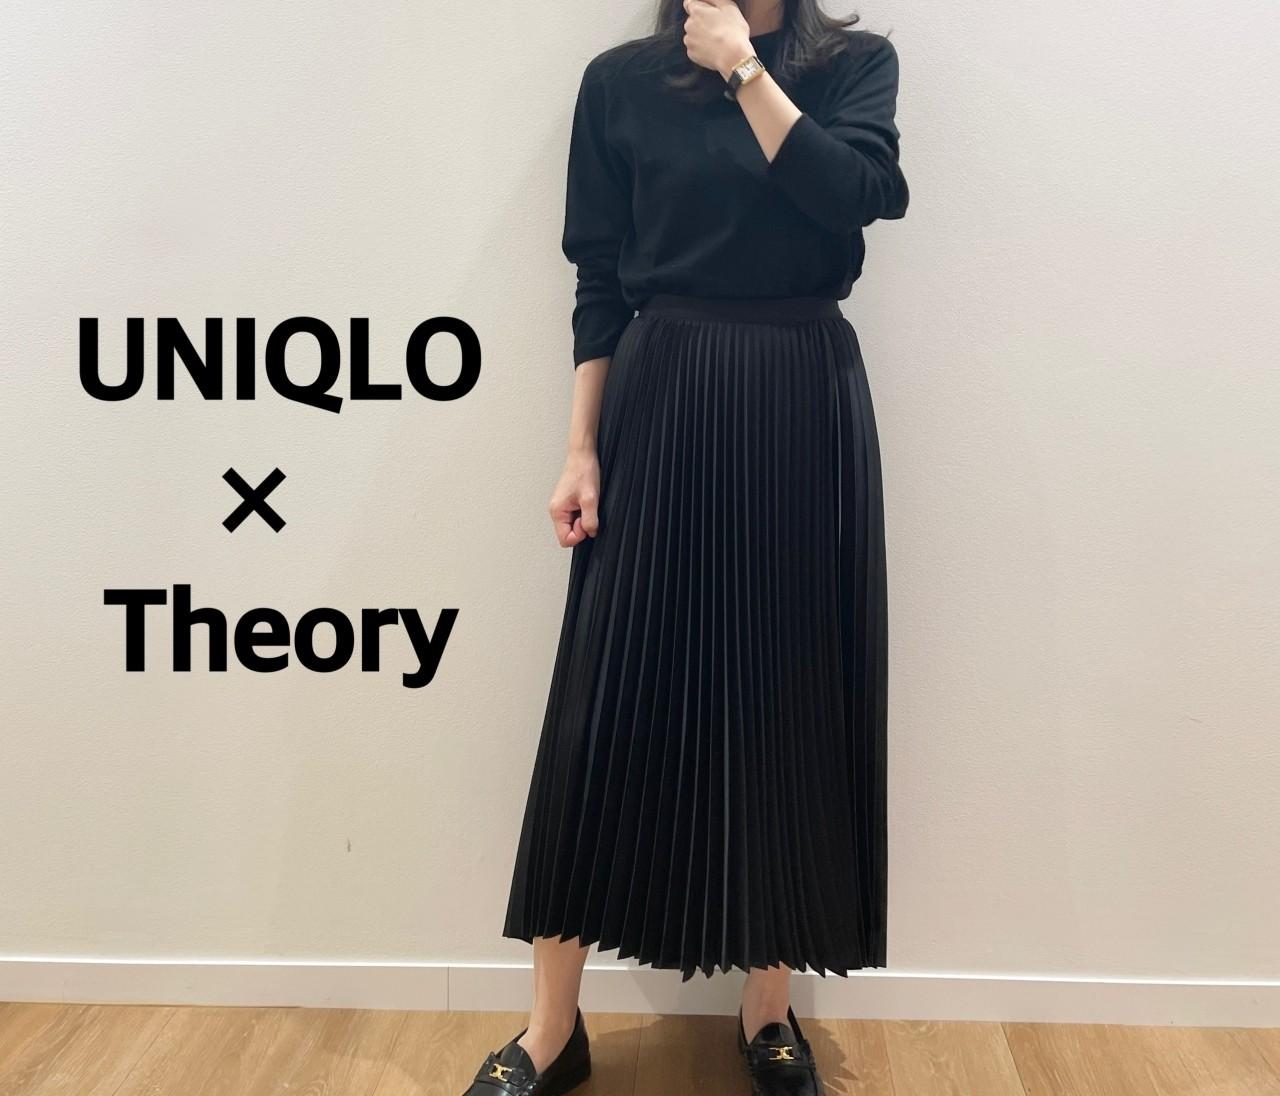 【UNIQLO(ユニクロ)】×【Theory(セオリー)】2021秋冬コラボ、低身長さんにおすすめなのはこれ!【身長150cmエディターchiaki】